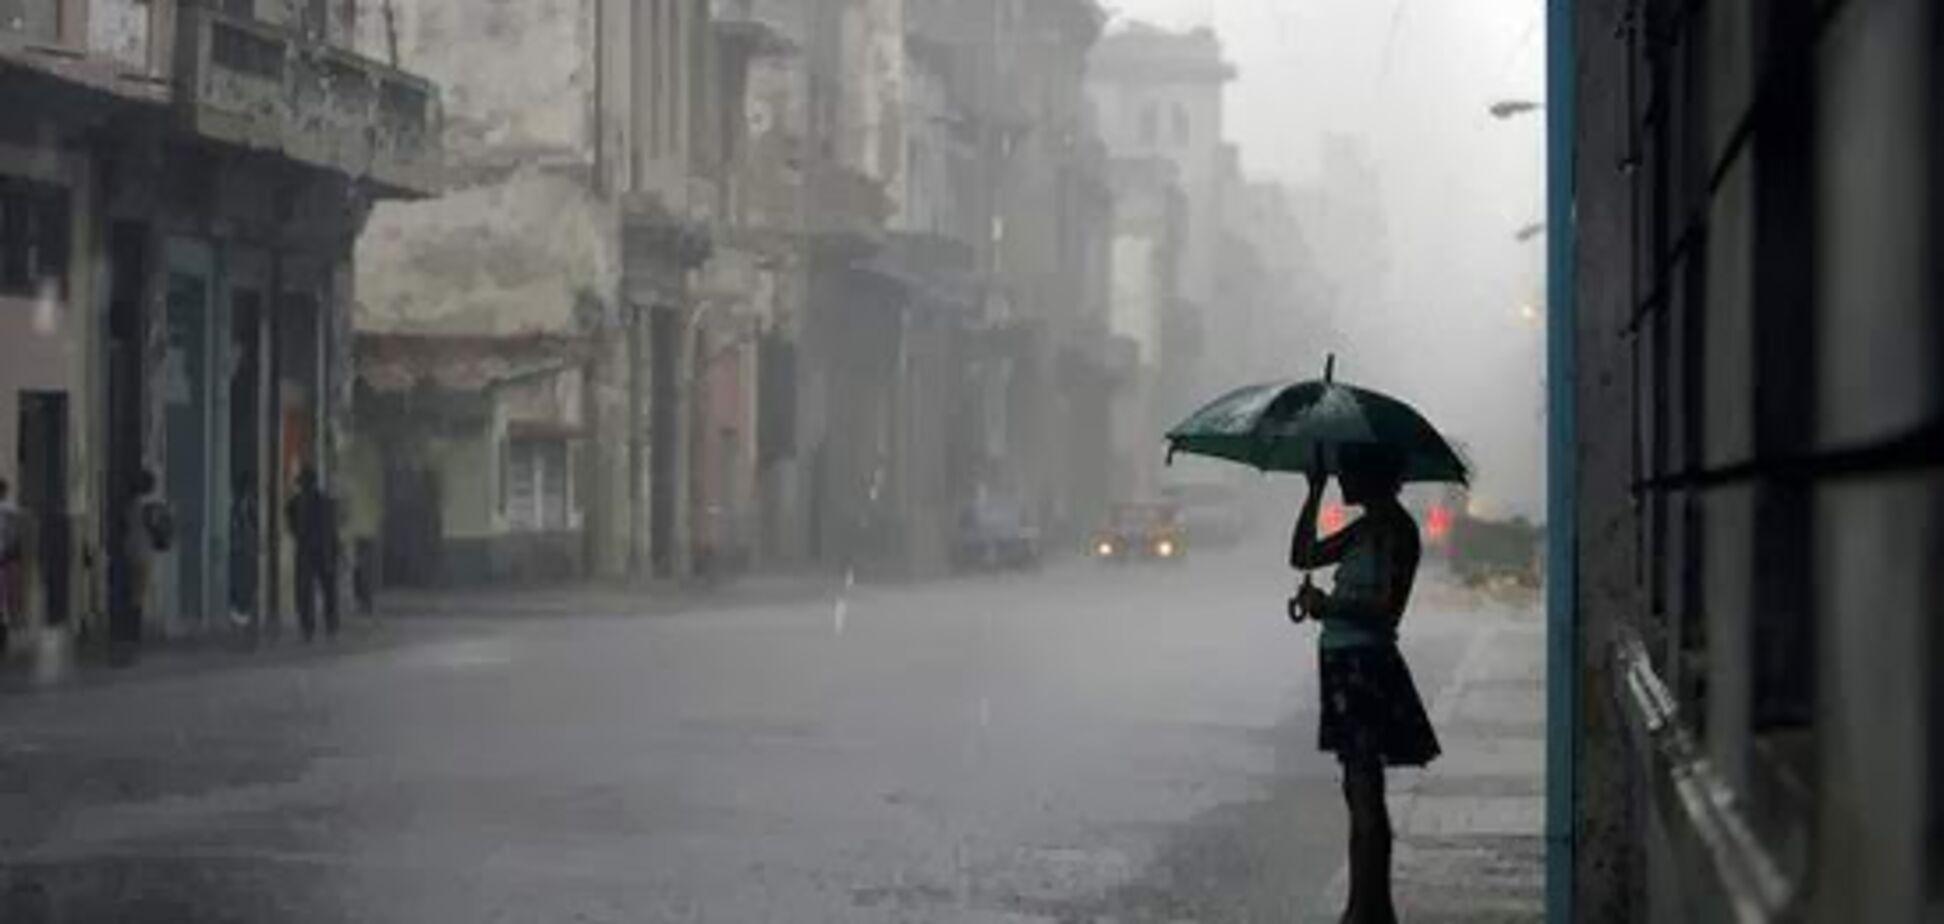 'Чудовищные разрушения': метеорологи предупредили о серьезной климатической аномалии